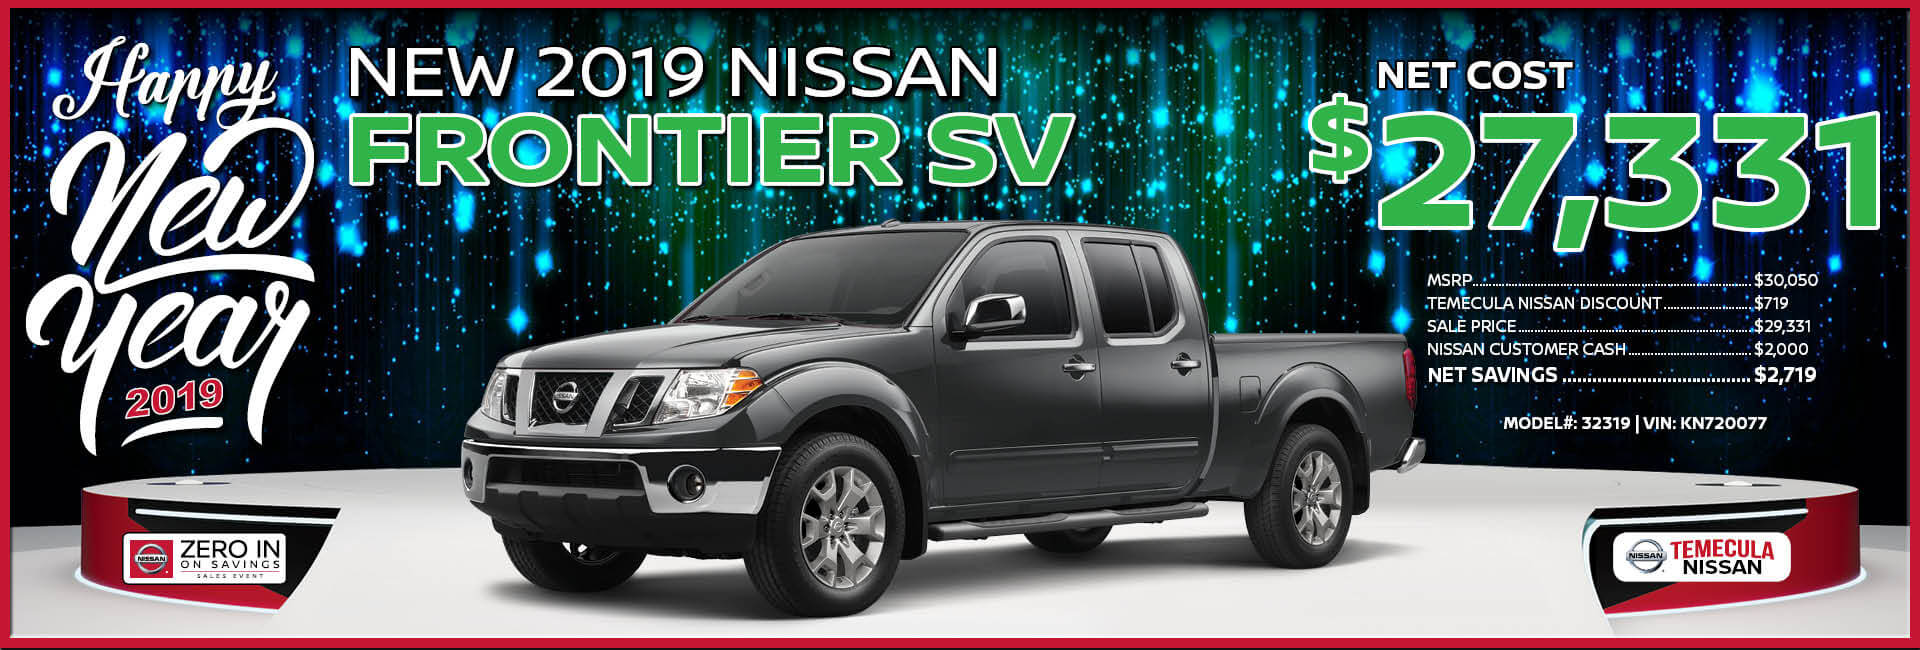 Nissan Frontier $27,331